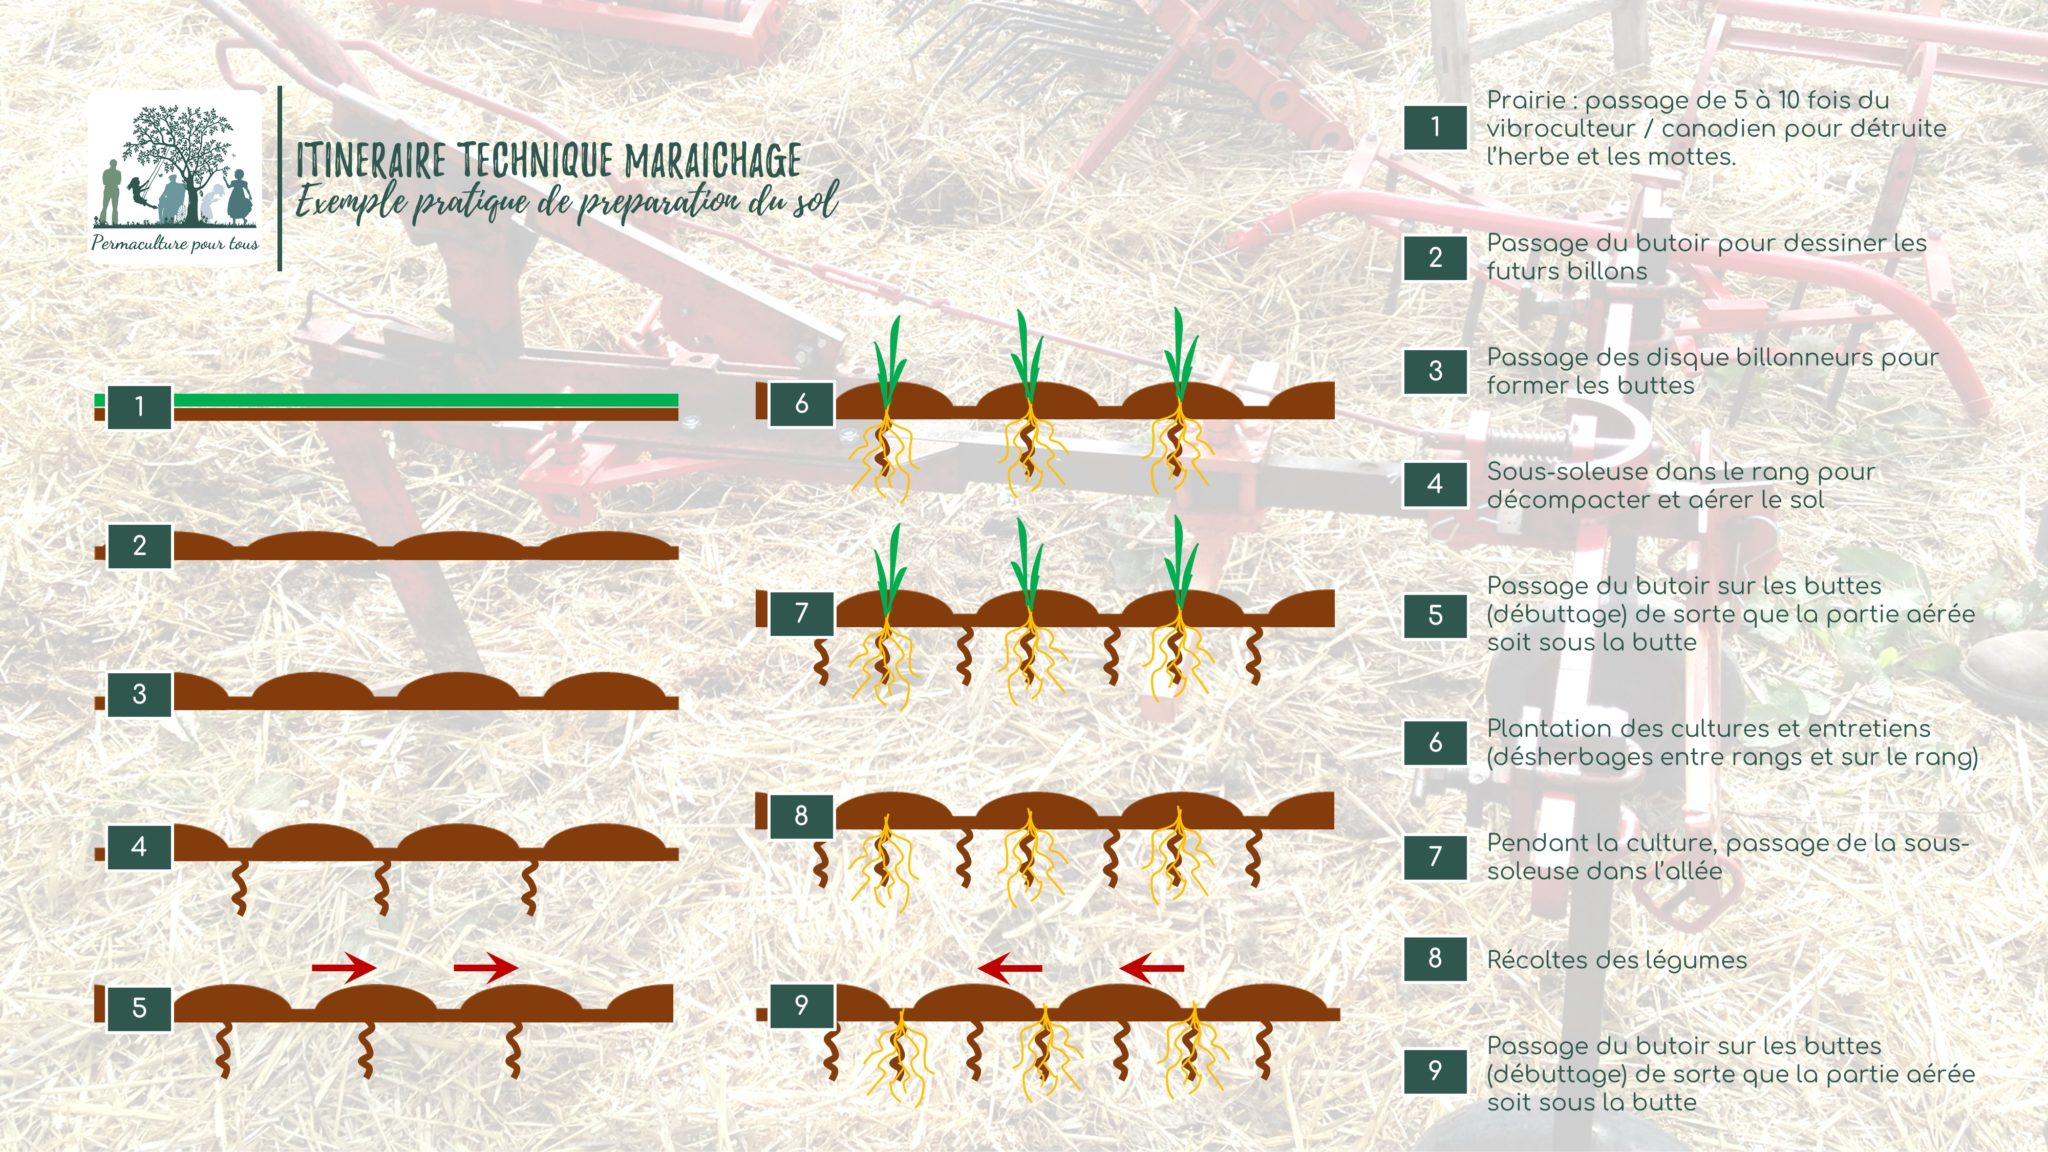 Infographie - itinéraire technique maraîchage en traction animale